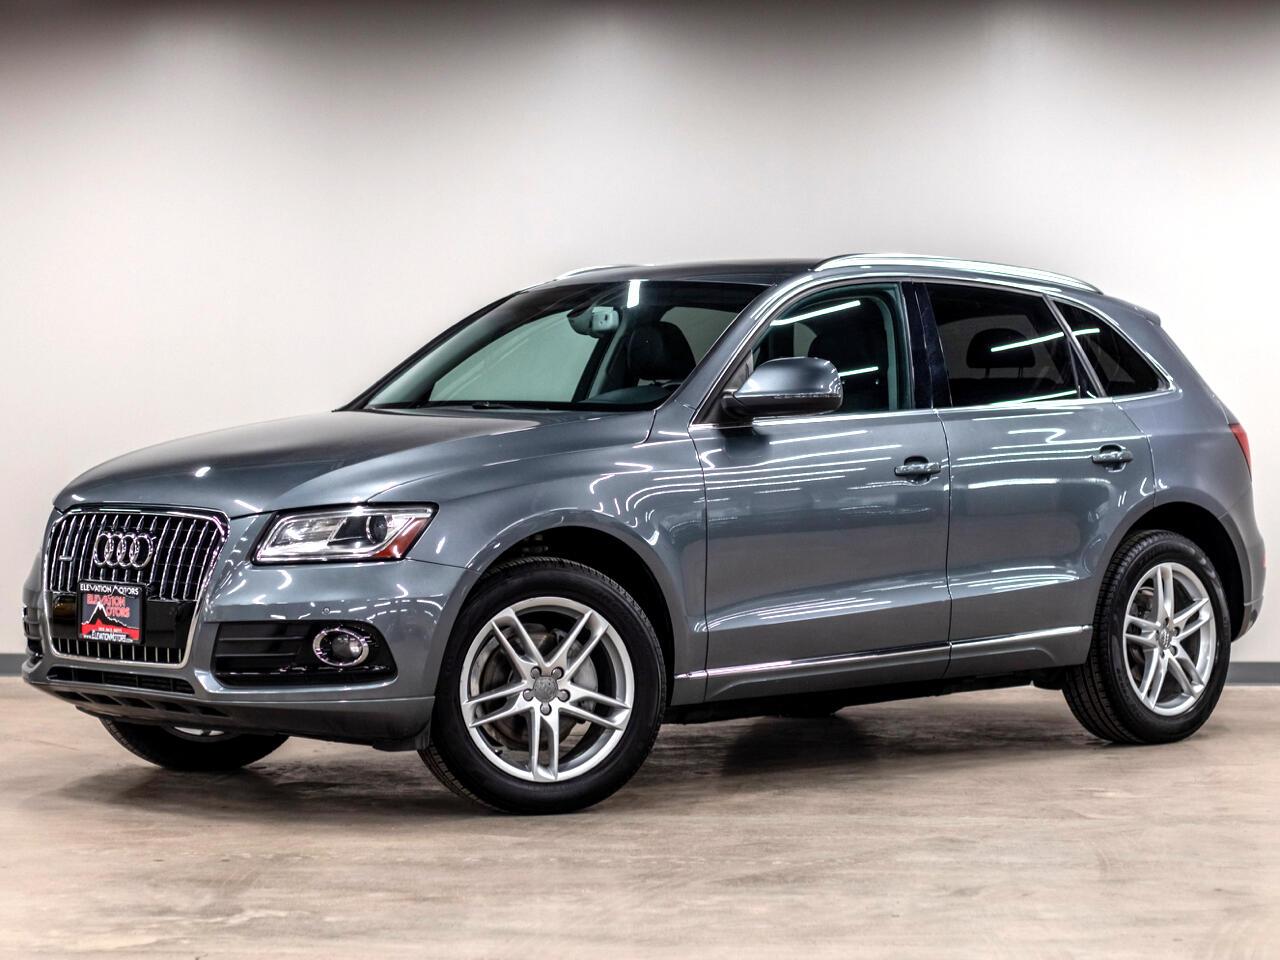 2013 Audi Q5 2.0 TFSI Premium Plus